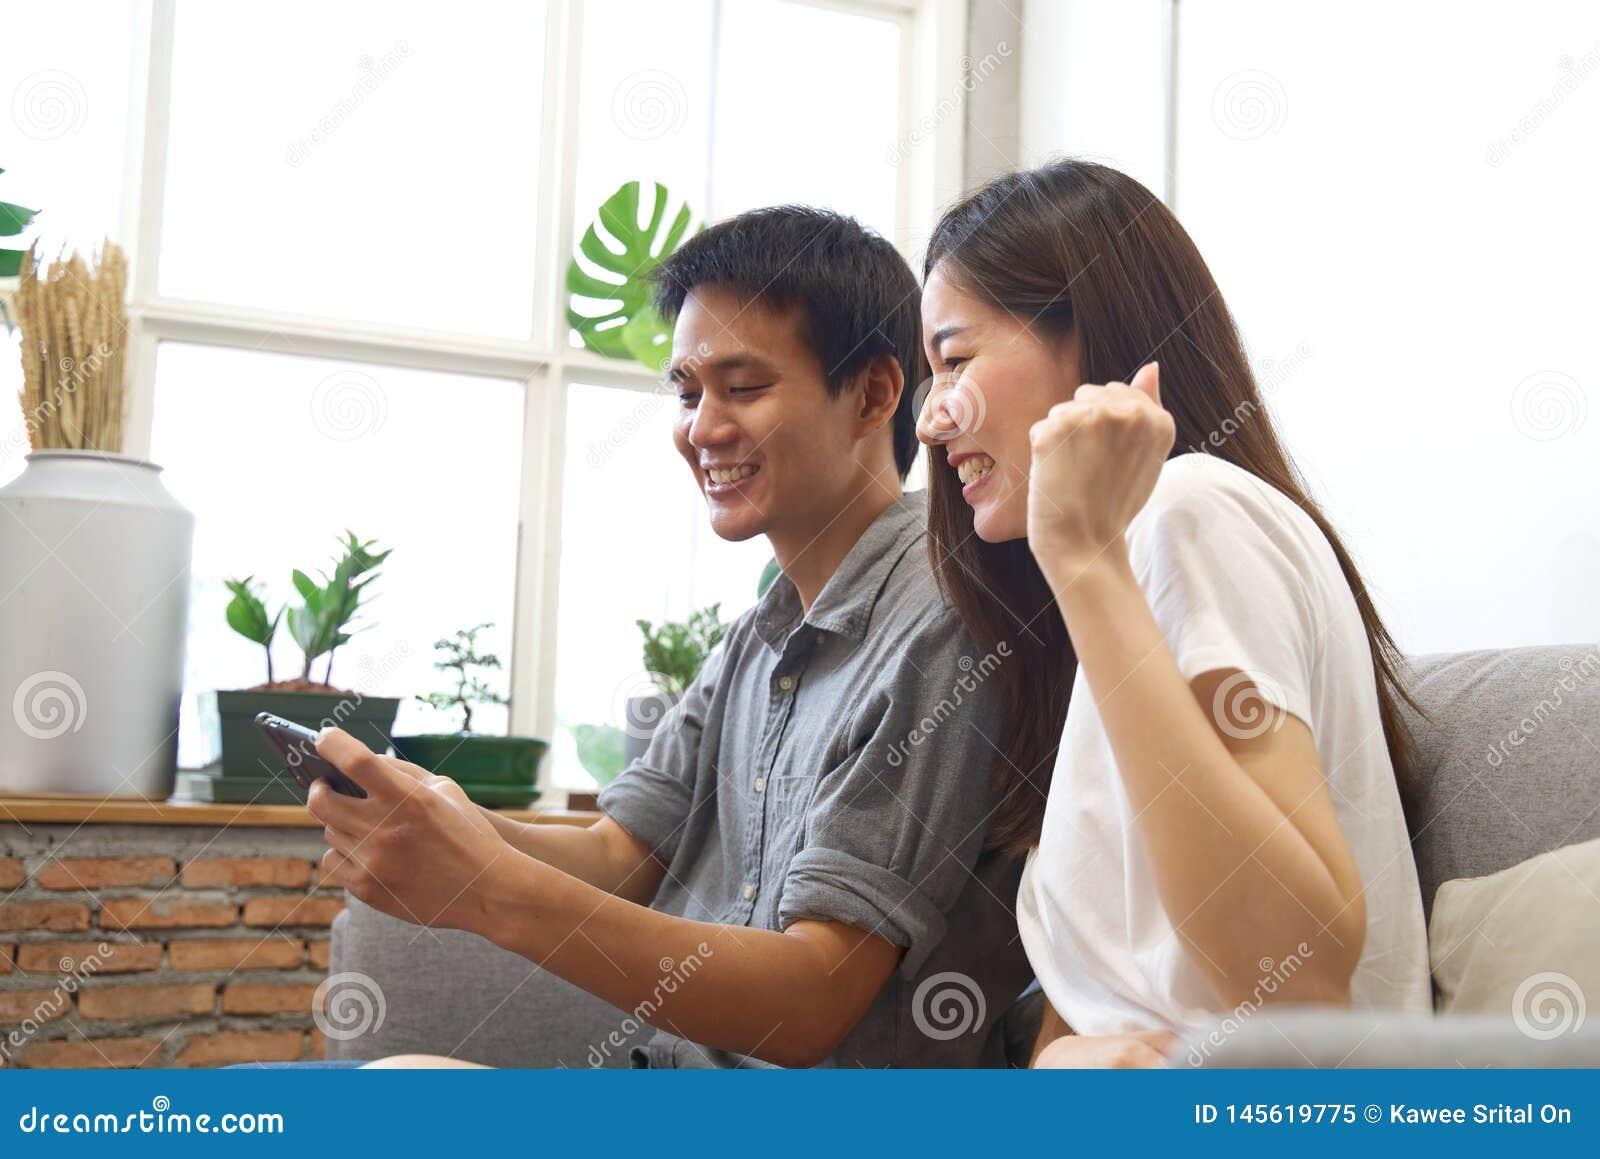 Unga par som sitter på soffan, håller ögonen på mobiltelefonen och känner sig surprise&happy, när vet resultatet med leendeframsi